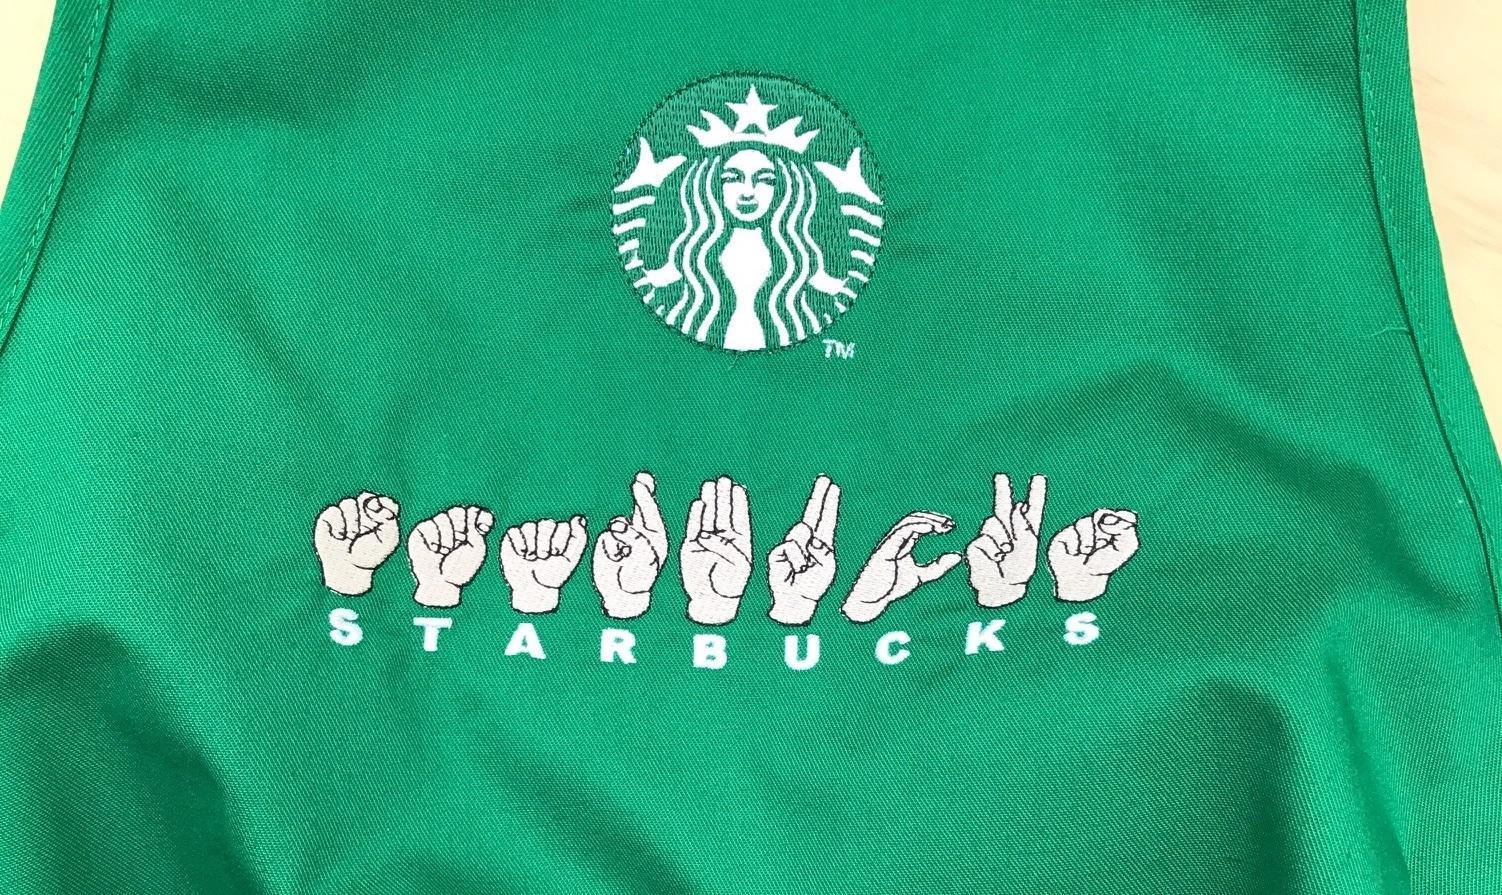 Αποτέλεσμα εικόνας για starbucks sign language store